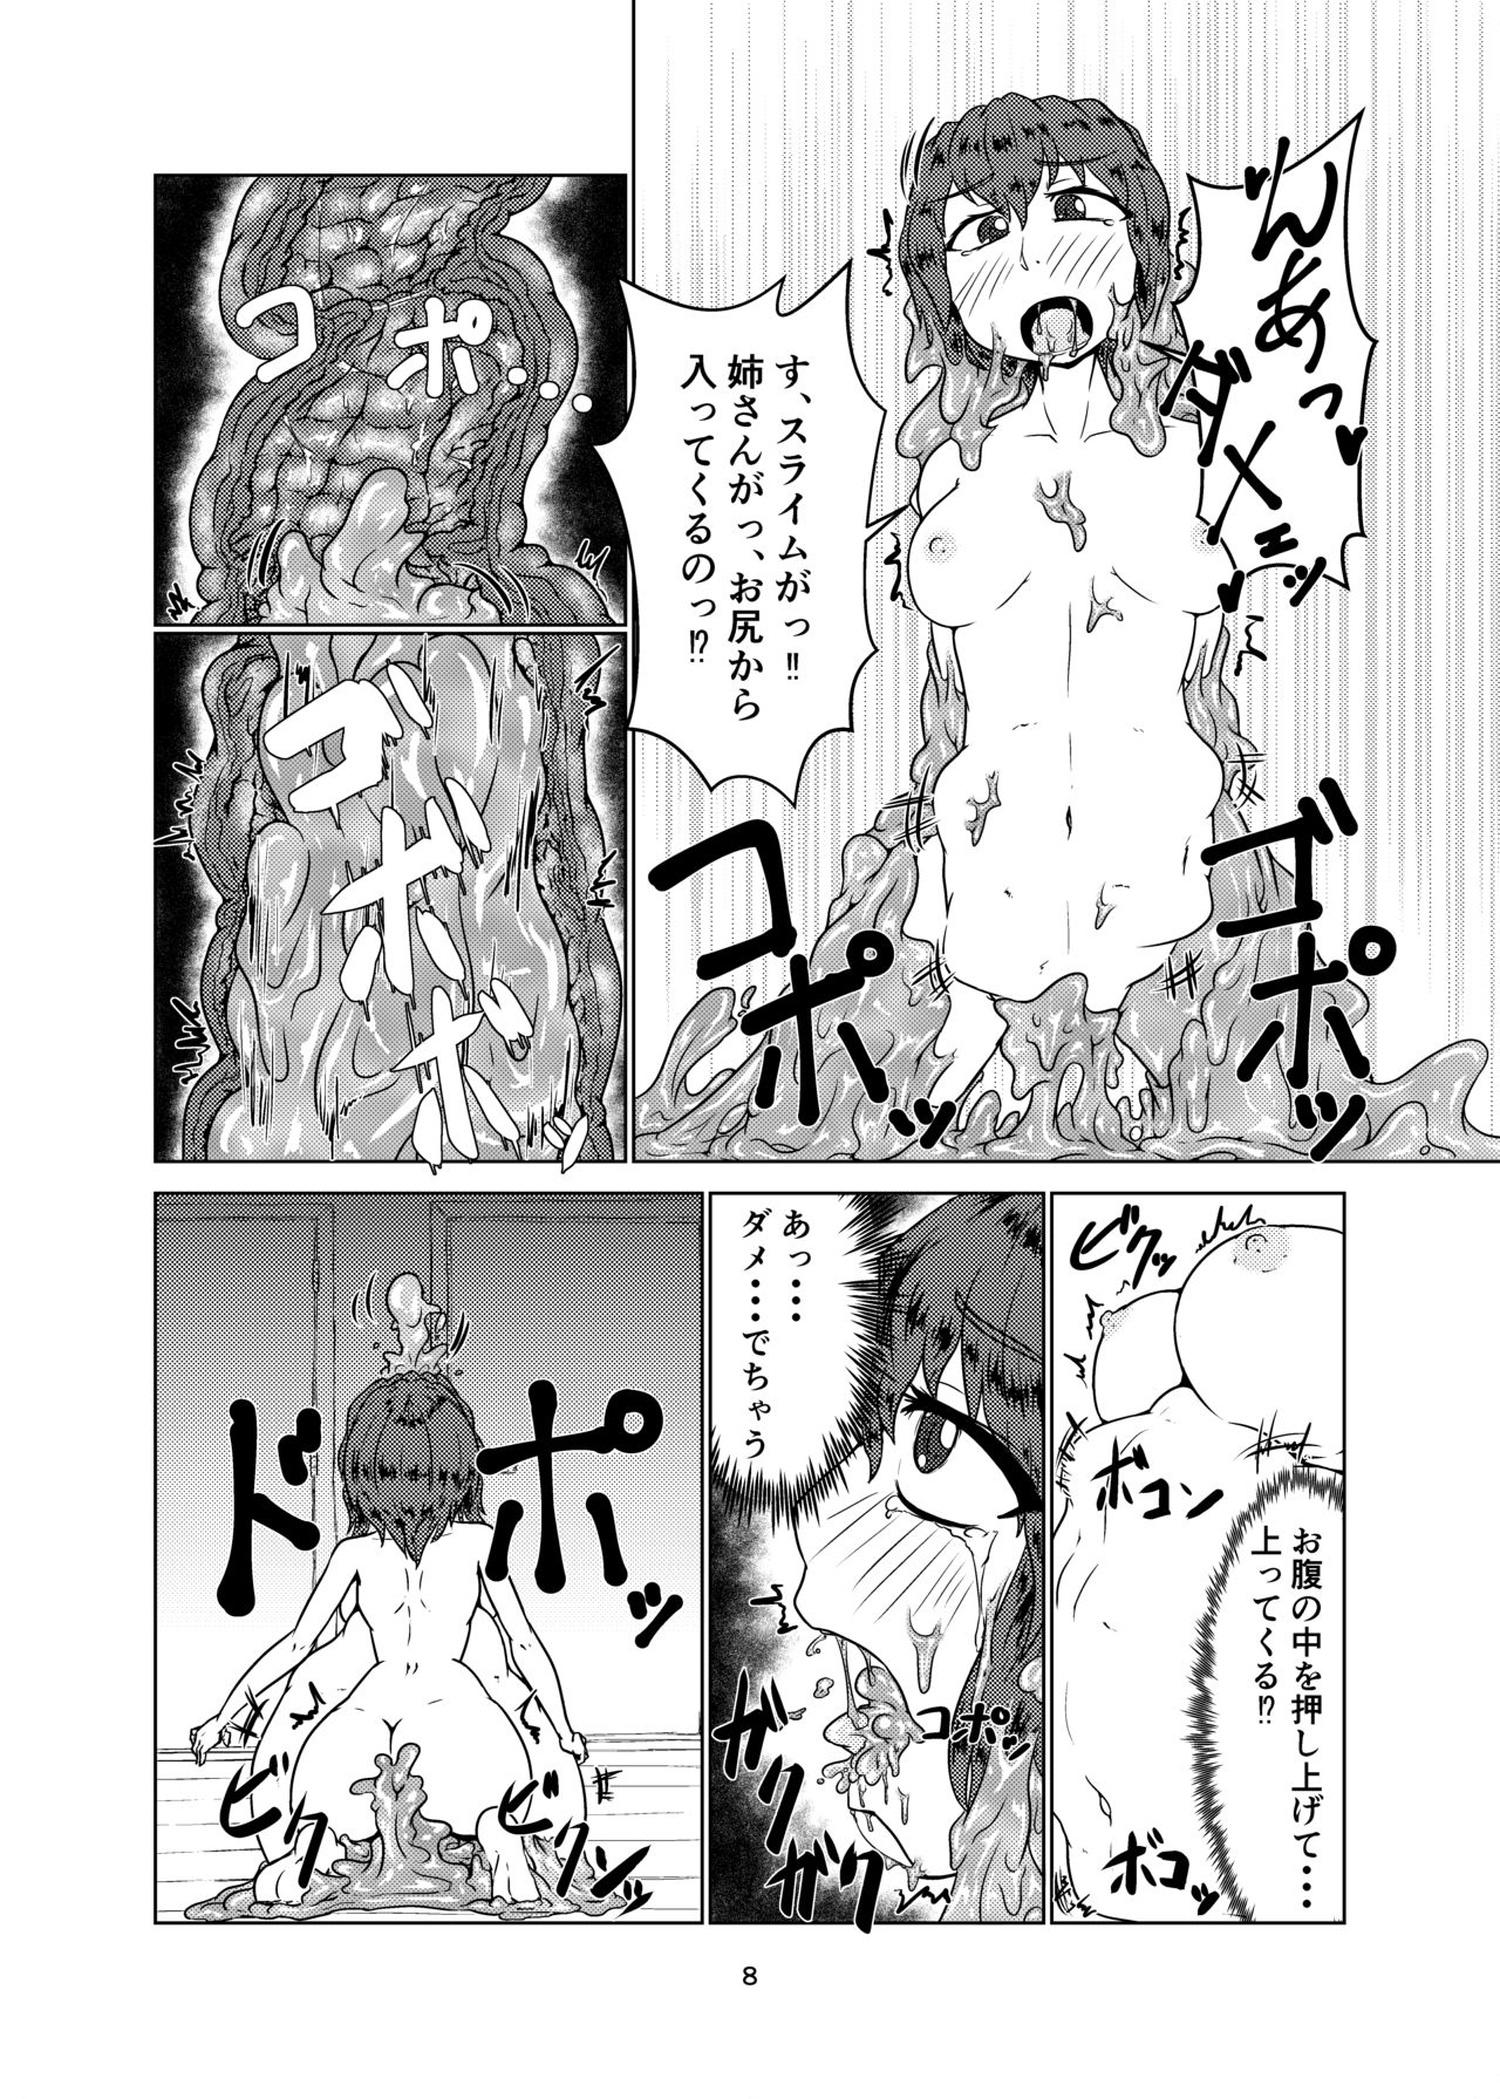 【エロ漫画】スライムになってしまったお姉さんに、身動きできなくされてお尻から姉さんが入って来ちゃう!【無料 エロ同人誌】 (7)